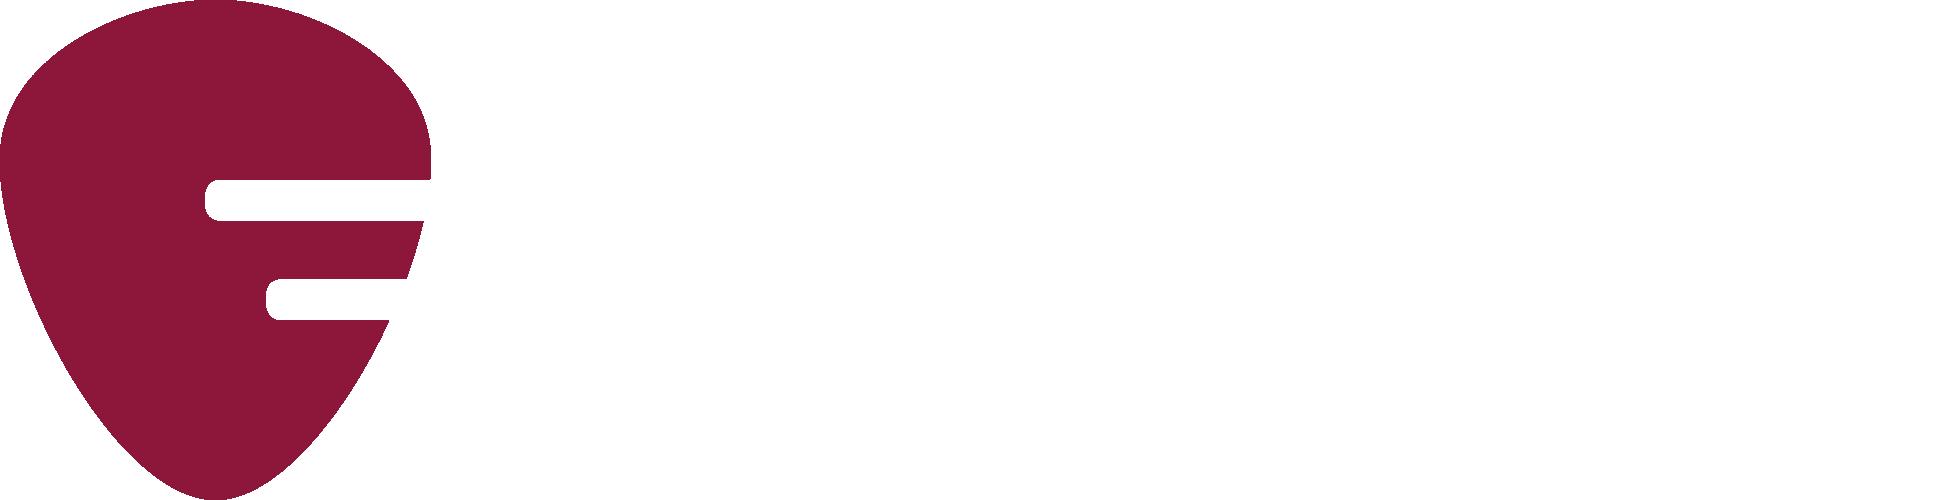 fretlook_logo